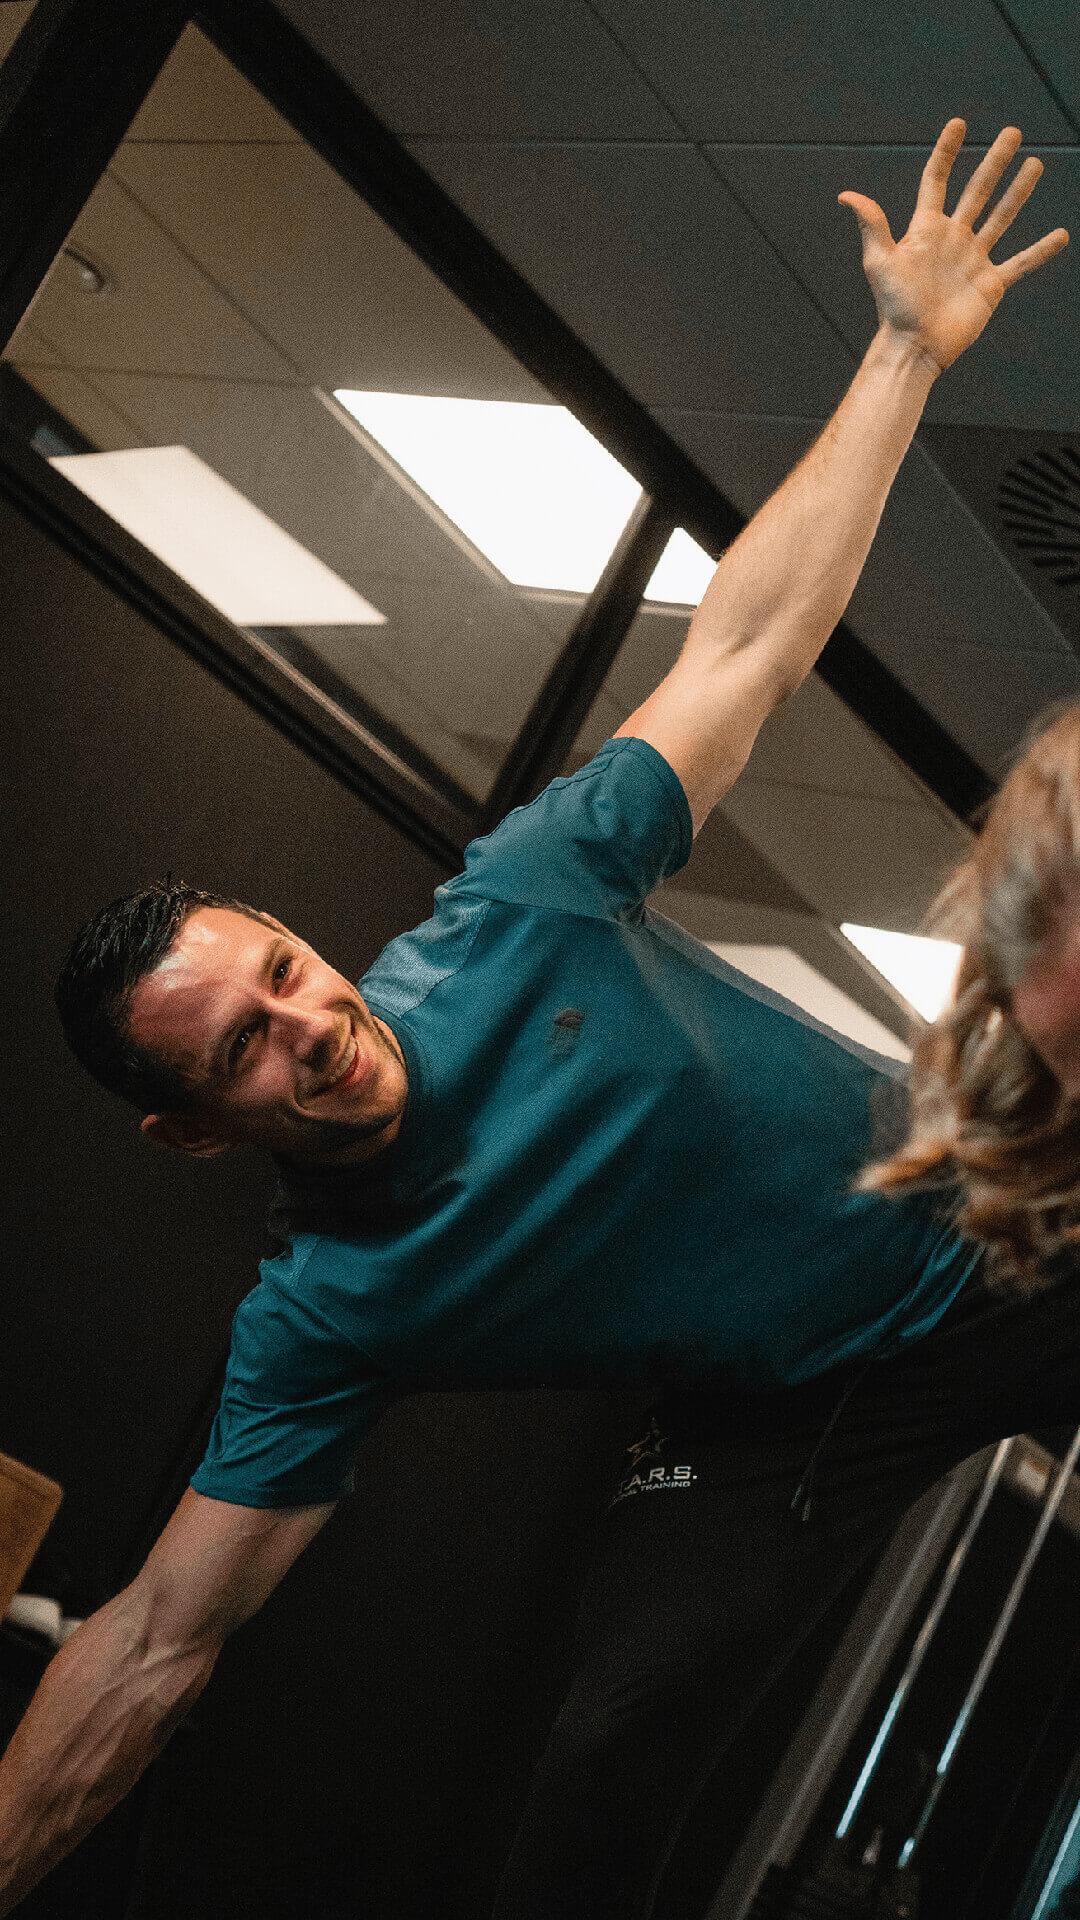 Yoga Training Bij S.t.a.r.s Groningen | Personal Trainer | Groningen - Haren - Zuidhorn